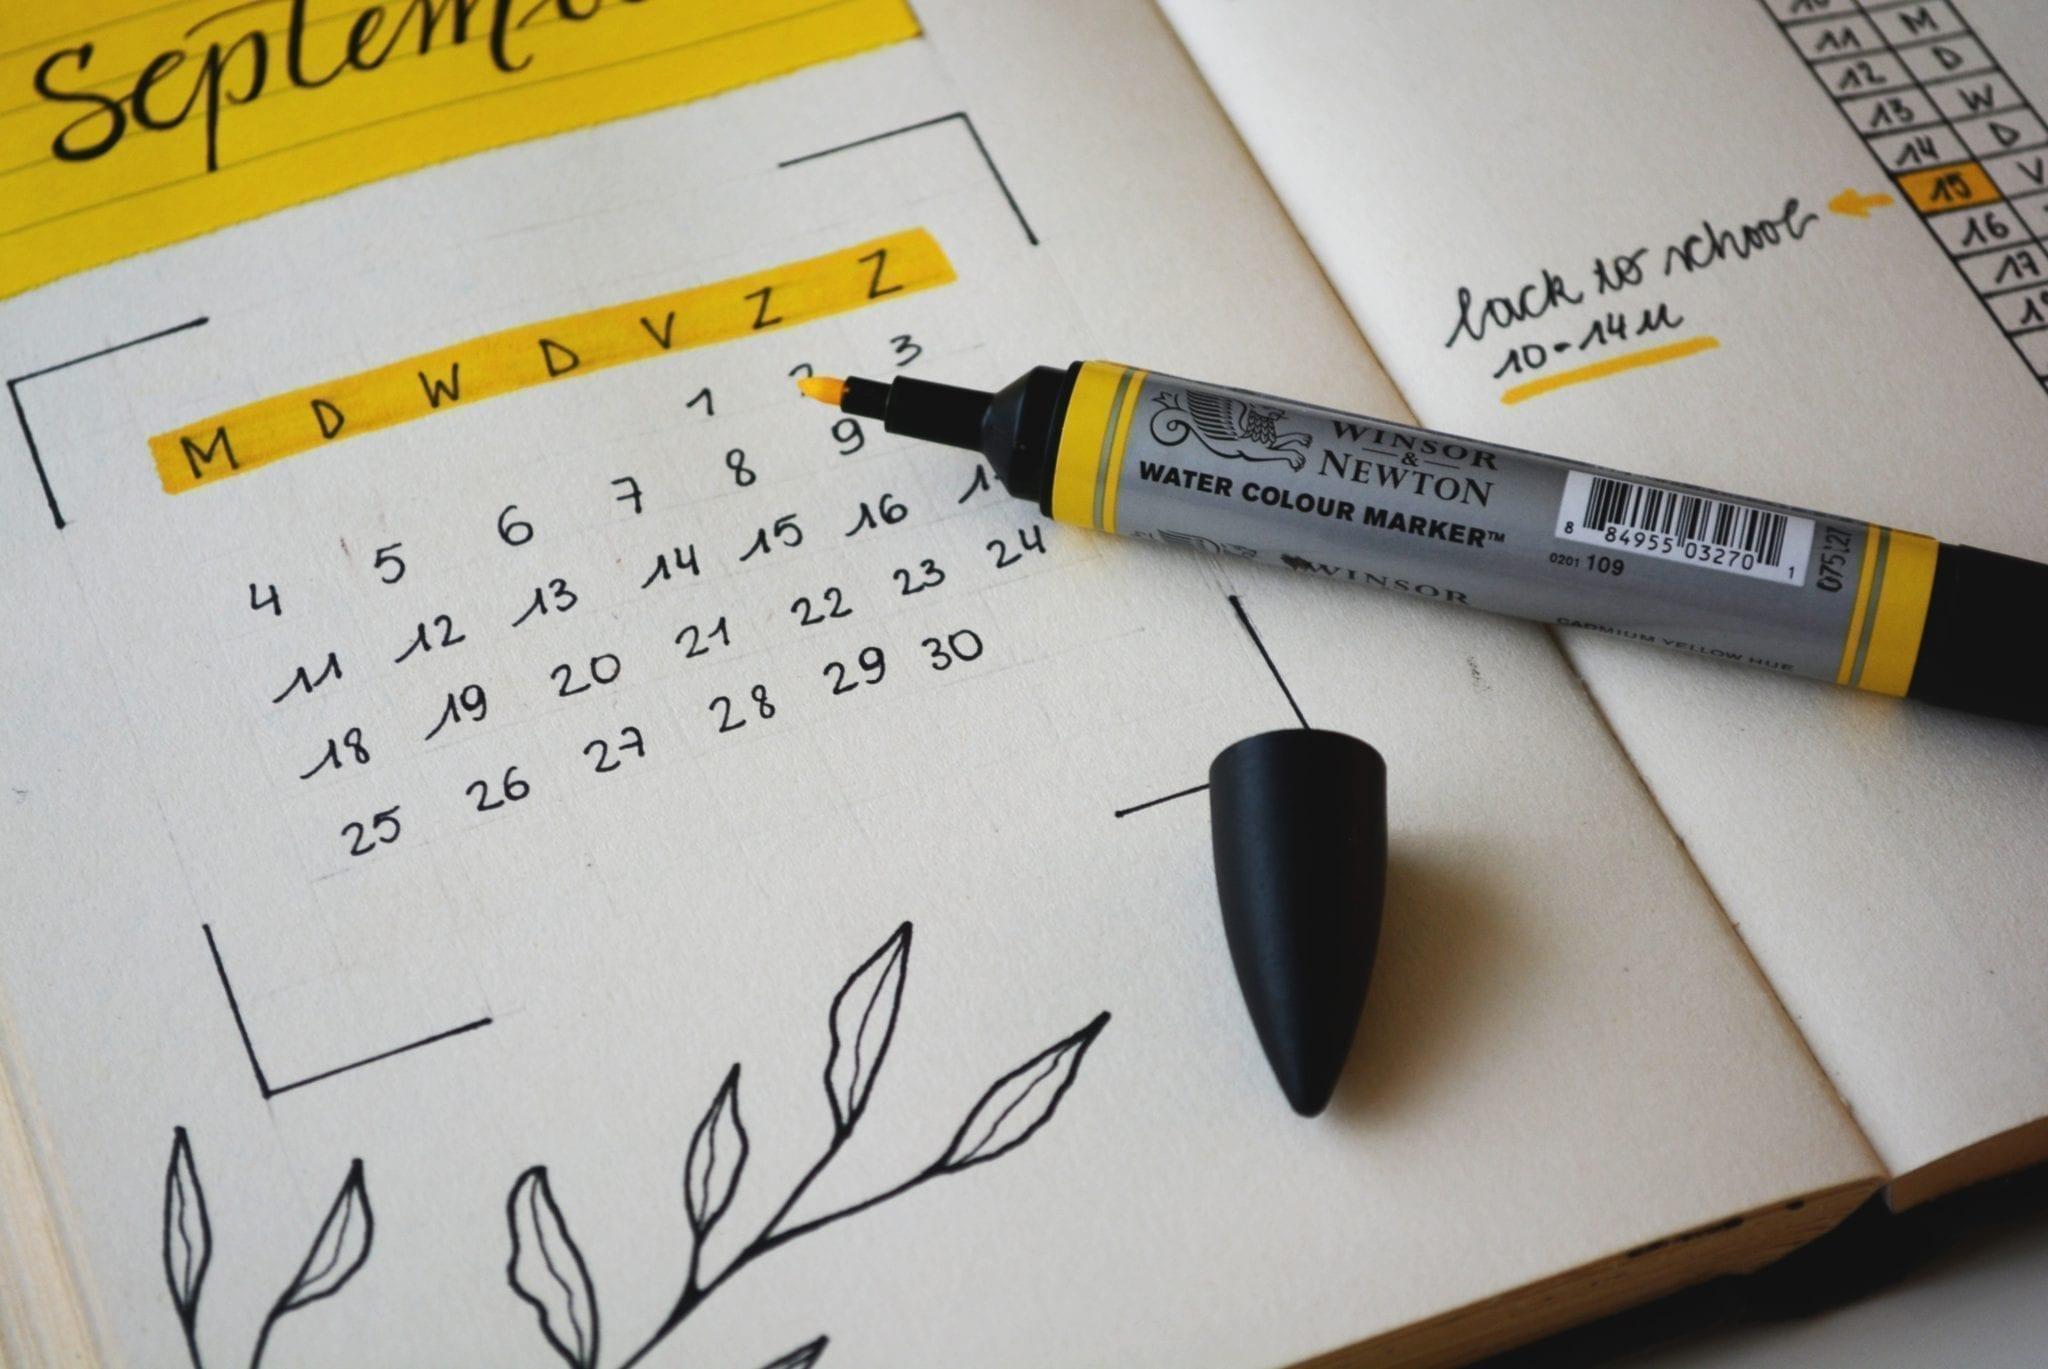 Hoe bereid je je voor op een evenement (met sjabloon voor evenementenplanning)